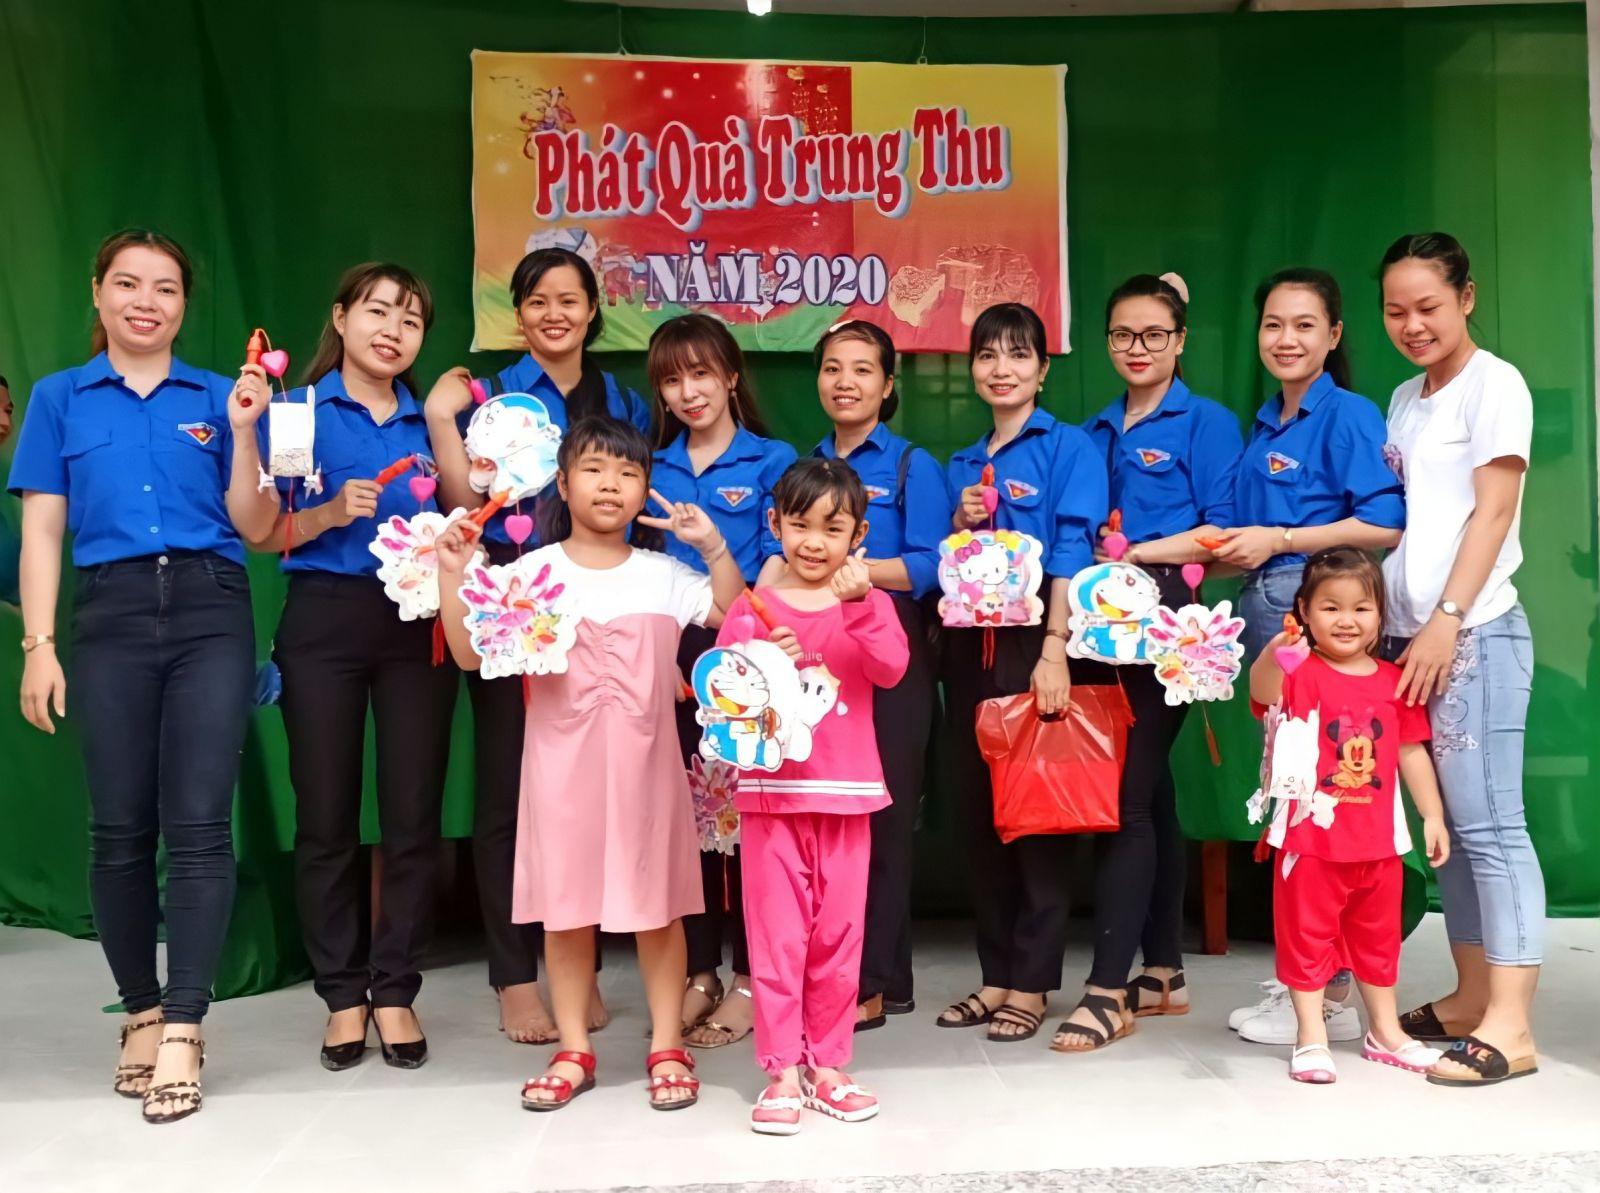 Cô Mai (thứ 4, từ trái qua) là Bí thư Chi đoàn năng động, sáng tạo, Chi đoàn Mẫu giáo Tân Khánh đã đạt danh hiệu Chi đoàn mạnh cấp Trung ương năm 2021